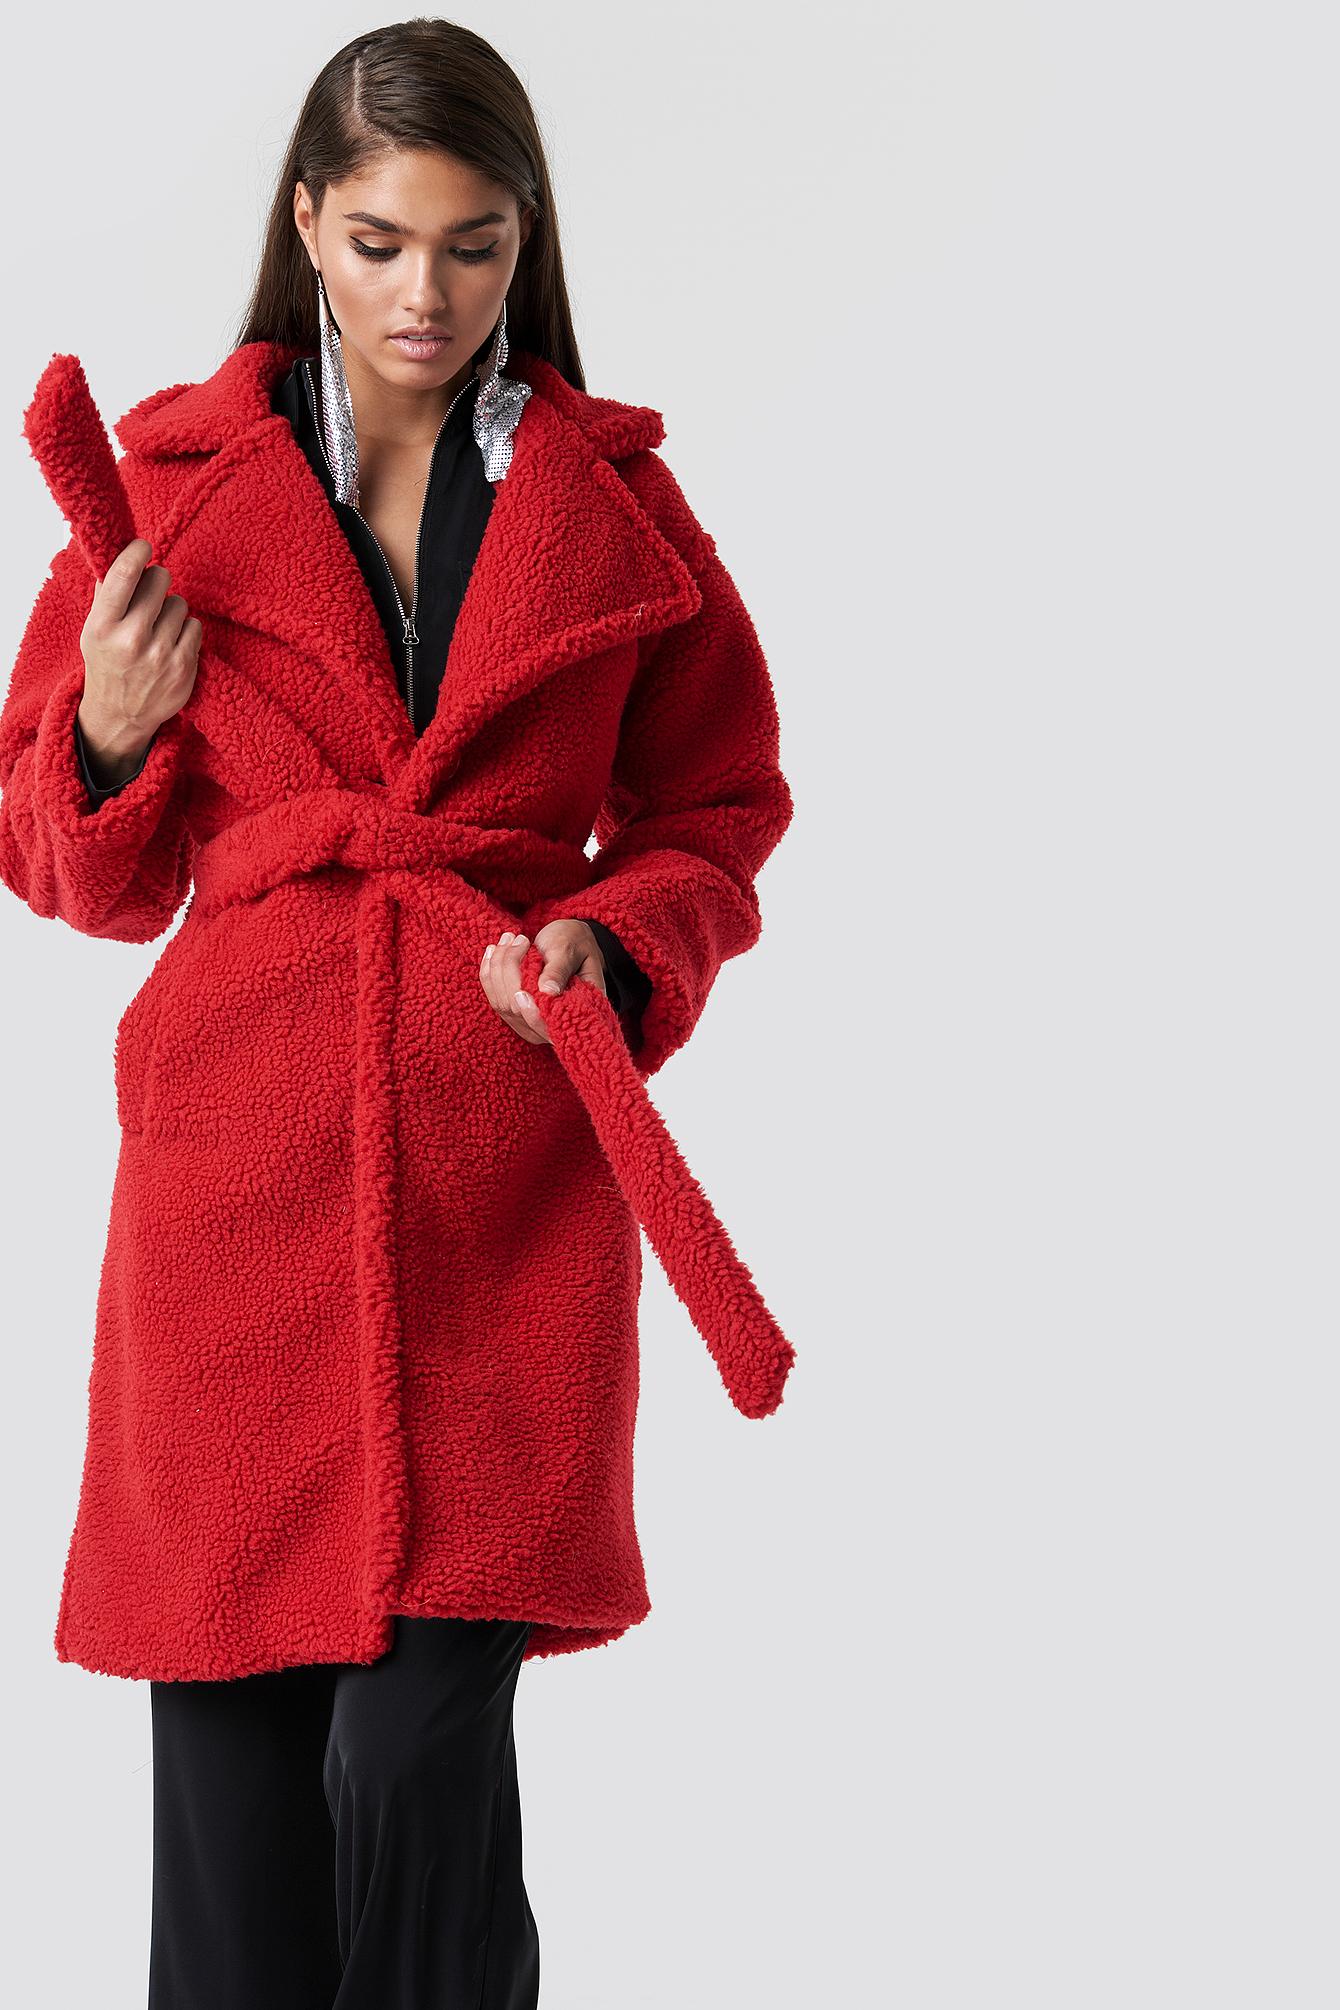 hannalicious x na-kd -  Midi Teddy Coat - Red